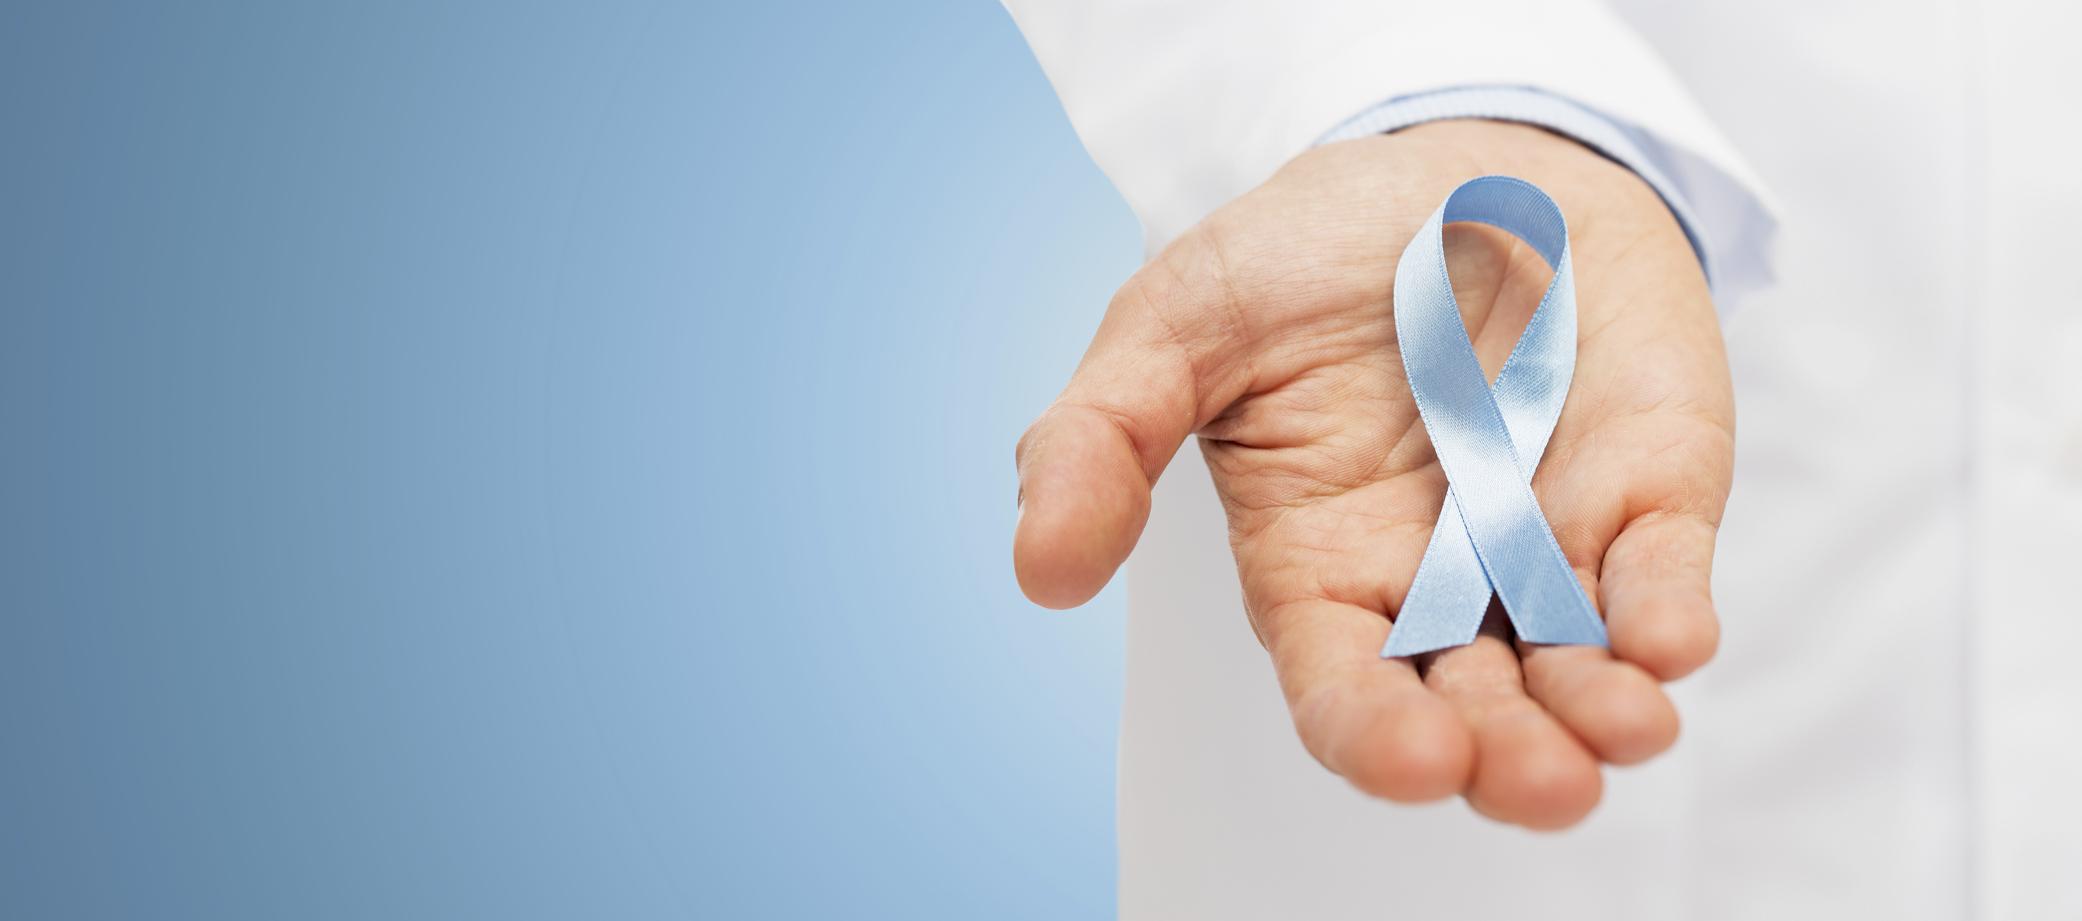 حقایقی درباره سرطان که از آن بی خبرهستید